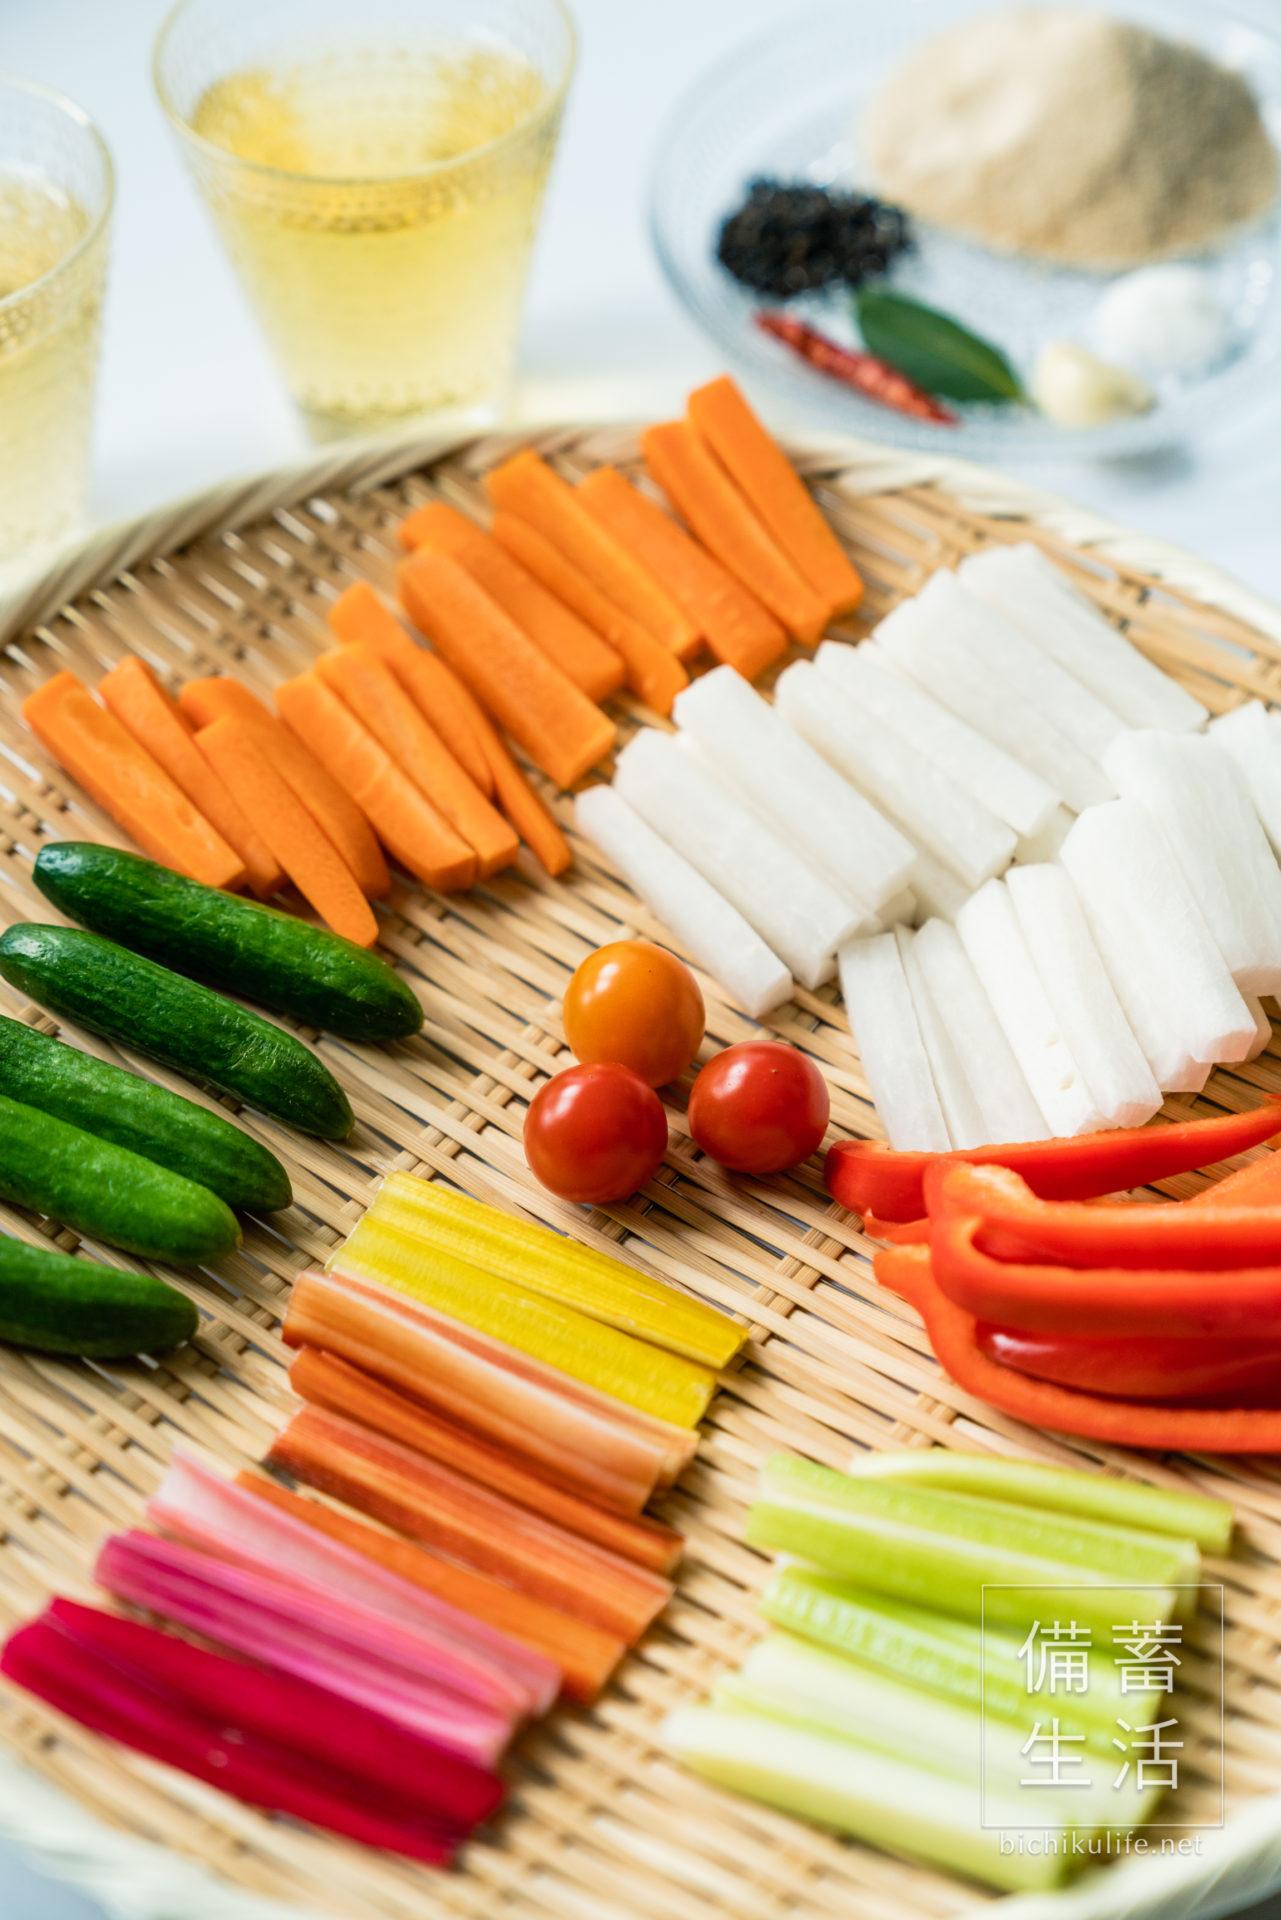 自家製ピクルスのレシピ、材料の野菜